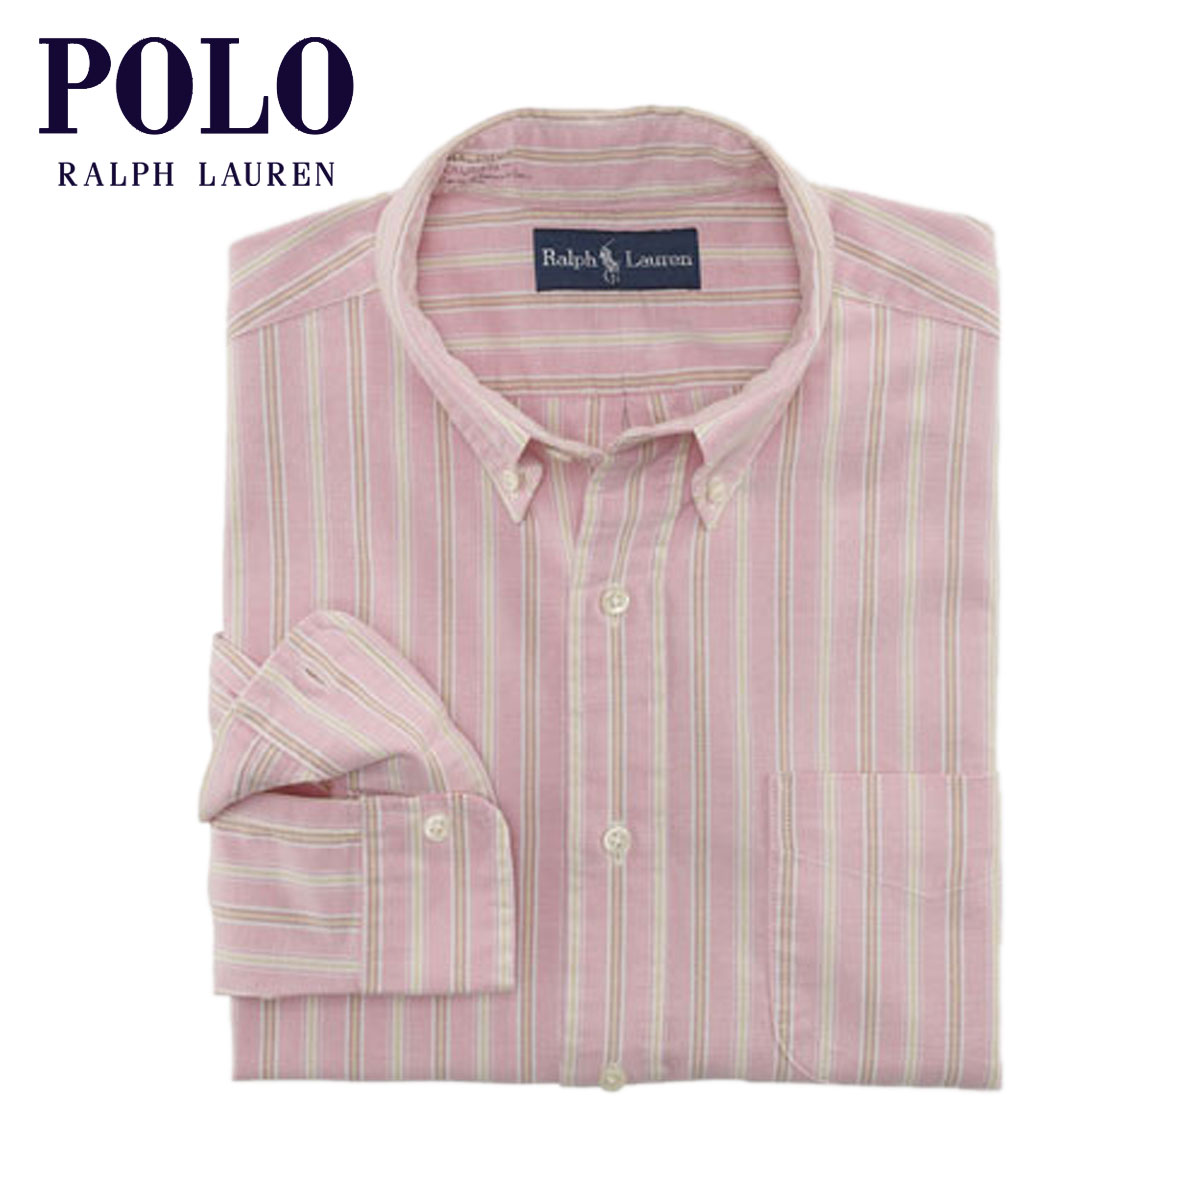 830abd746 Polo Ralph Lauren POLO RALPH LAUREN regular article men long sleeves shirt  Classic-Fit Striped ...